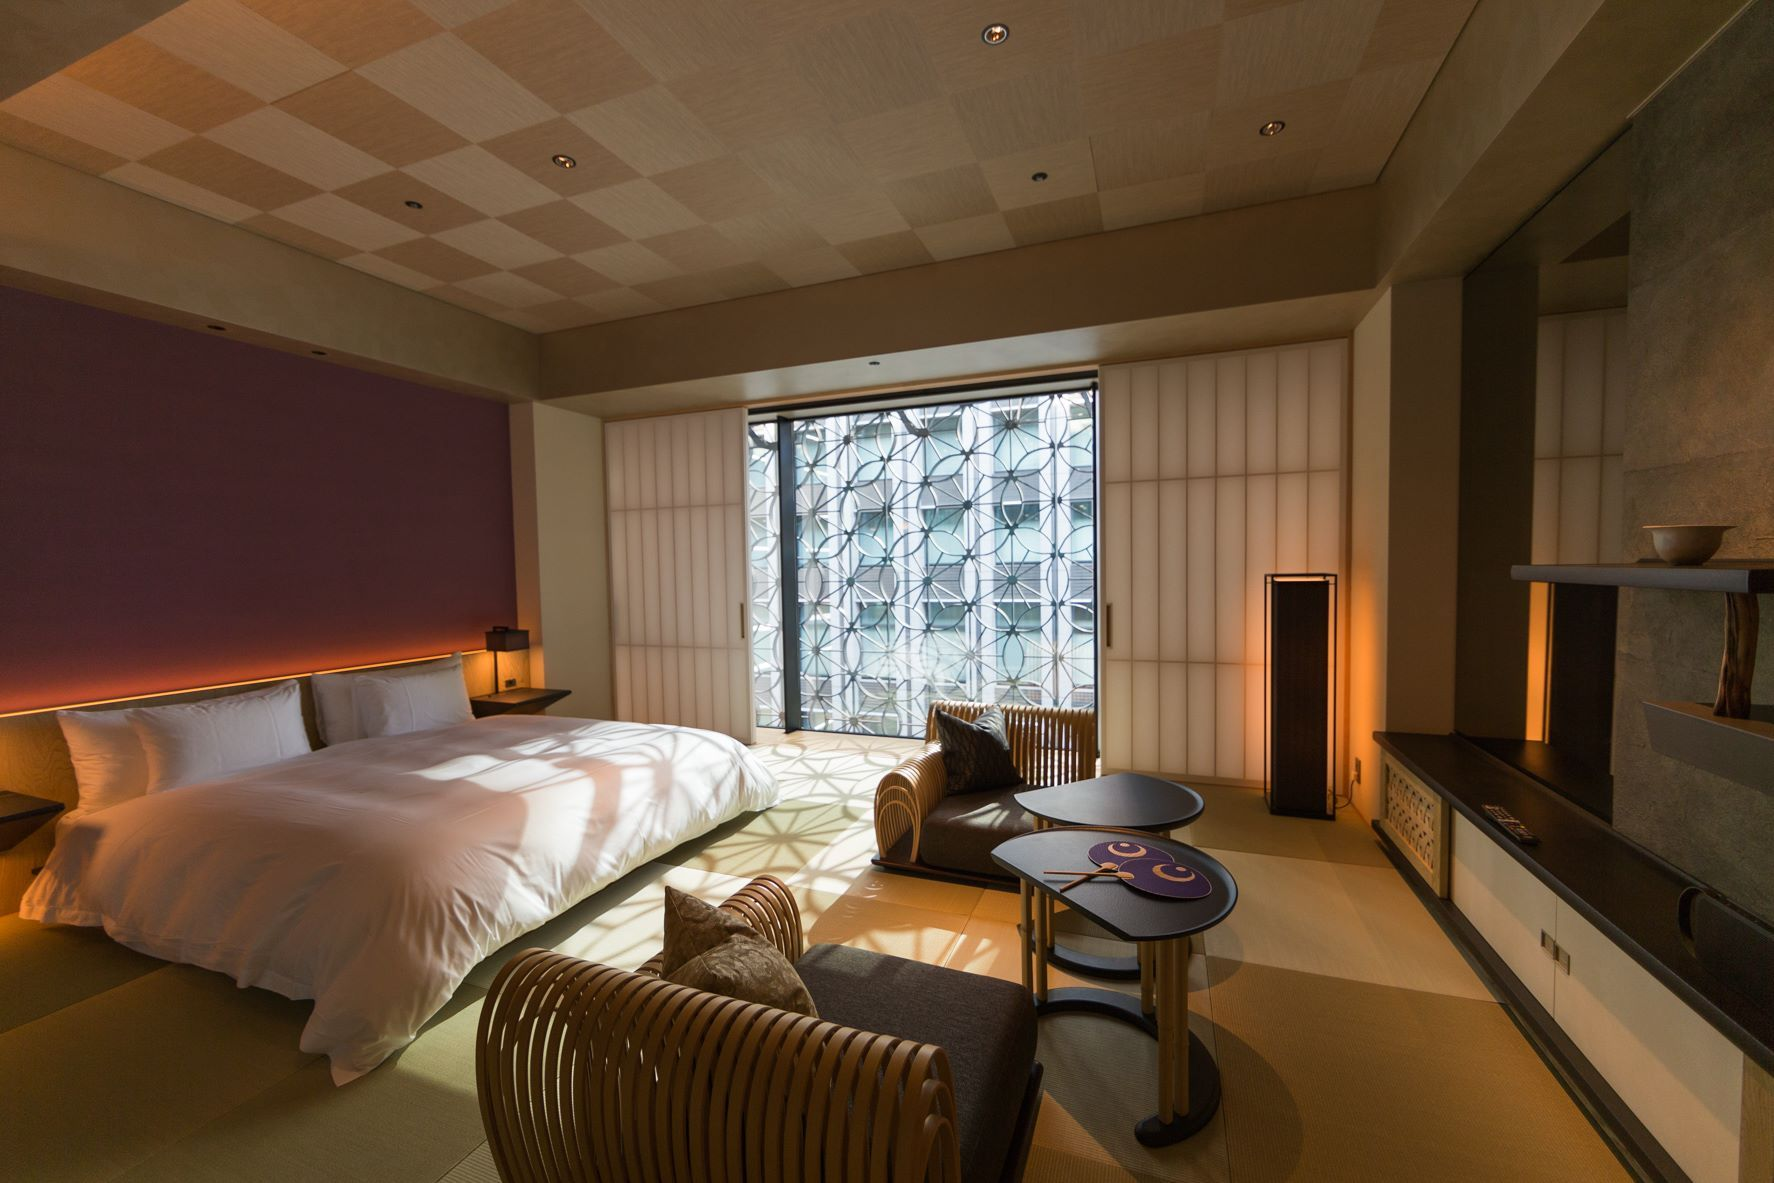 Japanese おしゃれまとめの人気アイデア Pinterest Ymn ホテルの部屋のデザイン タタミルーム 日本のベッドルーム